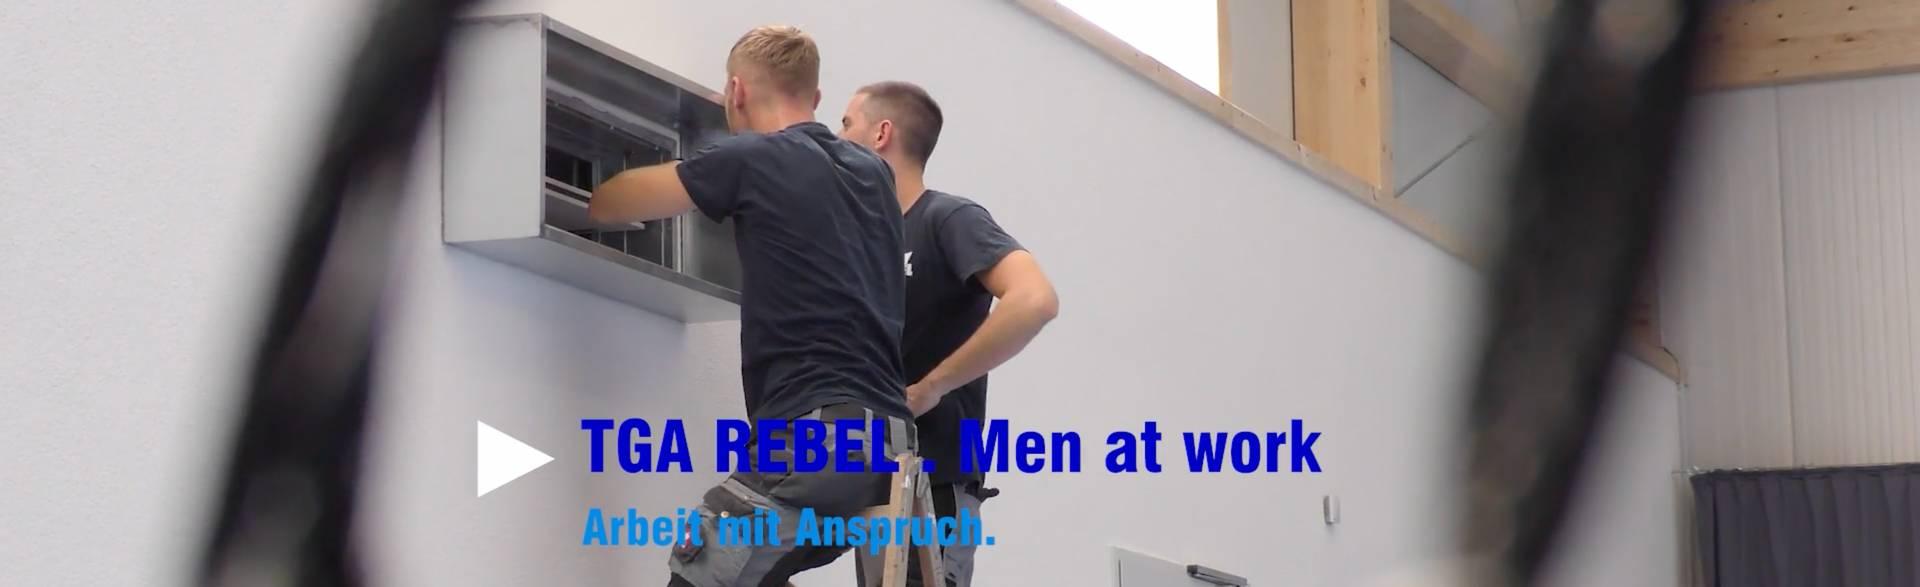 TGA Rebel